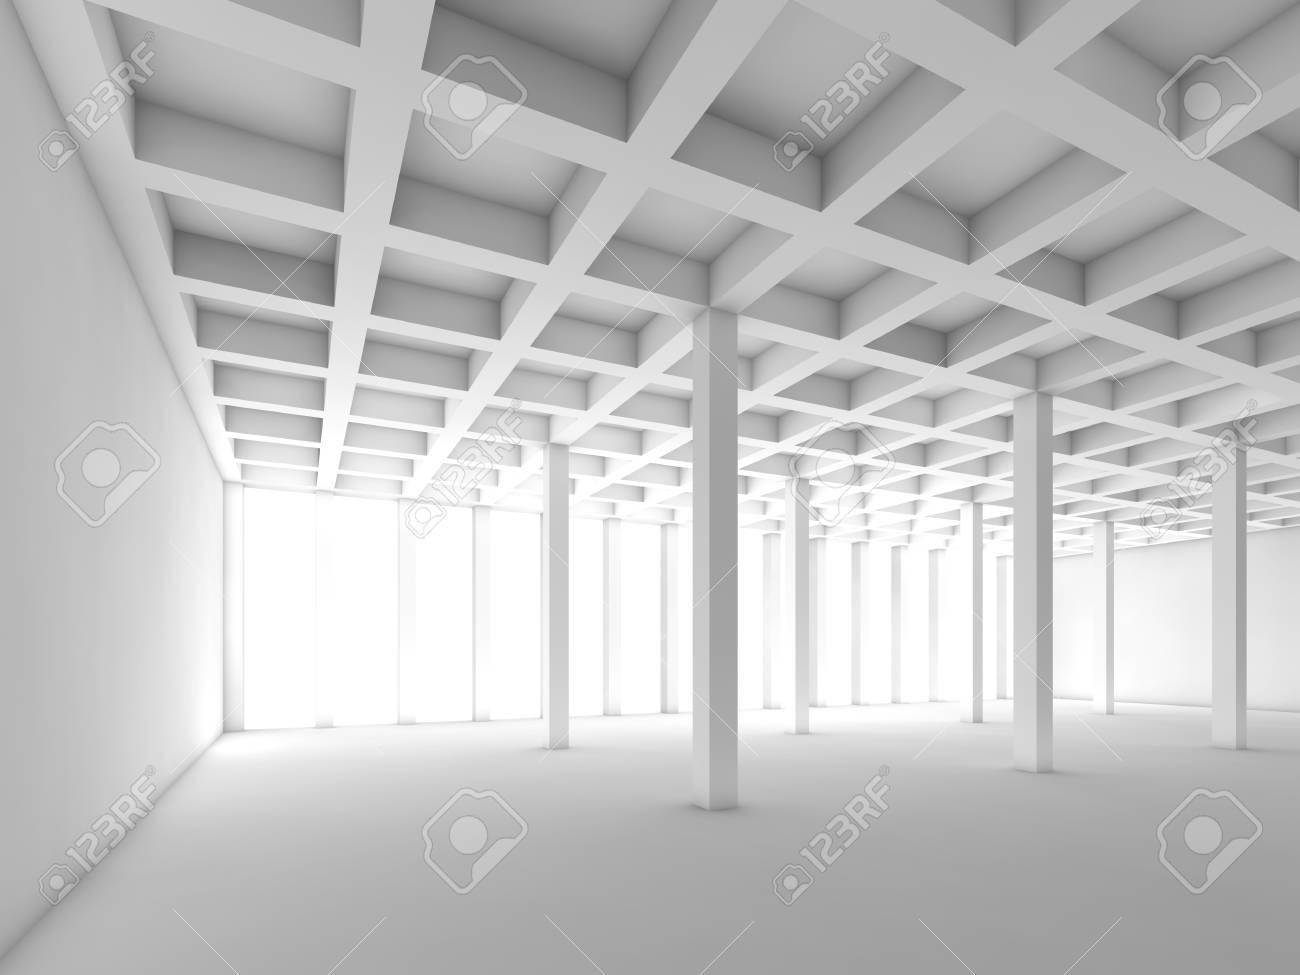 Abstrait Arrière Plan De L Architecture Avec Vue En Perspective De Blanc Pièce Vide Illustration 3d